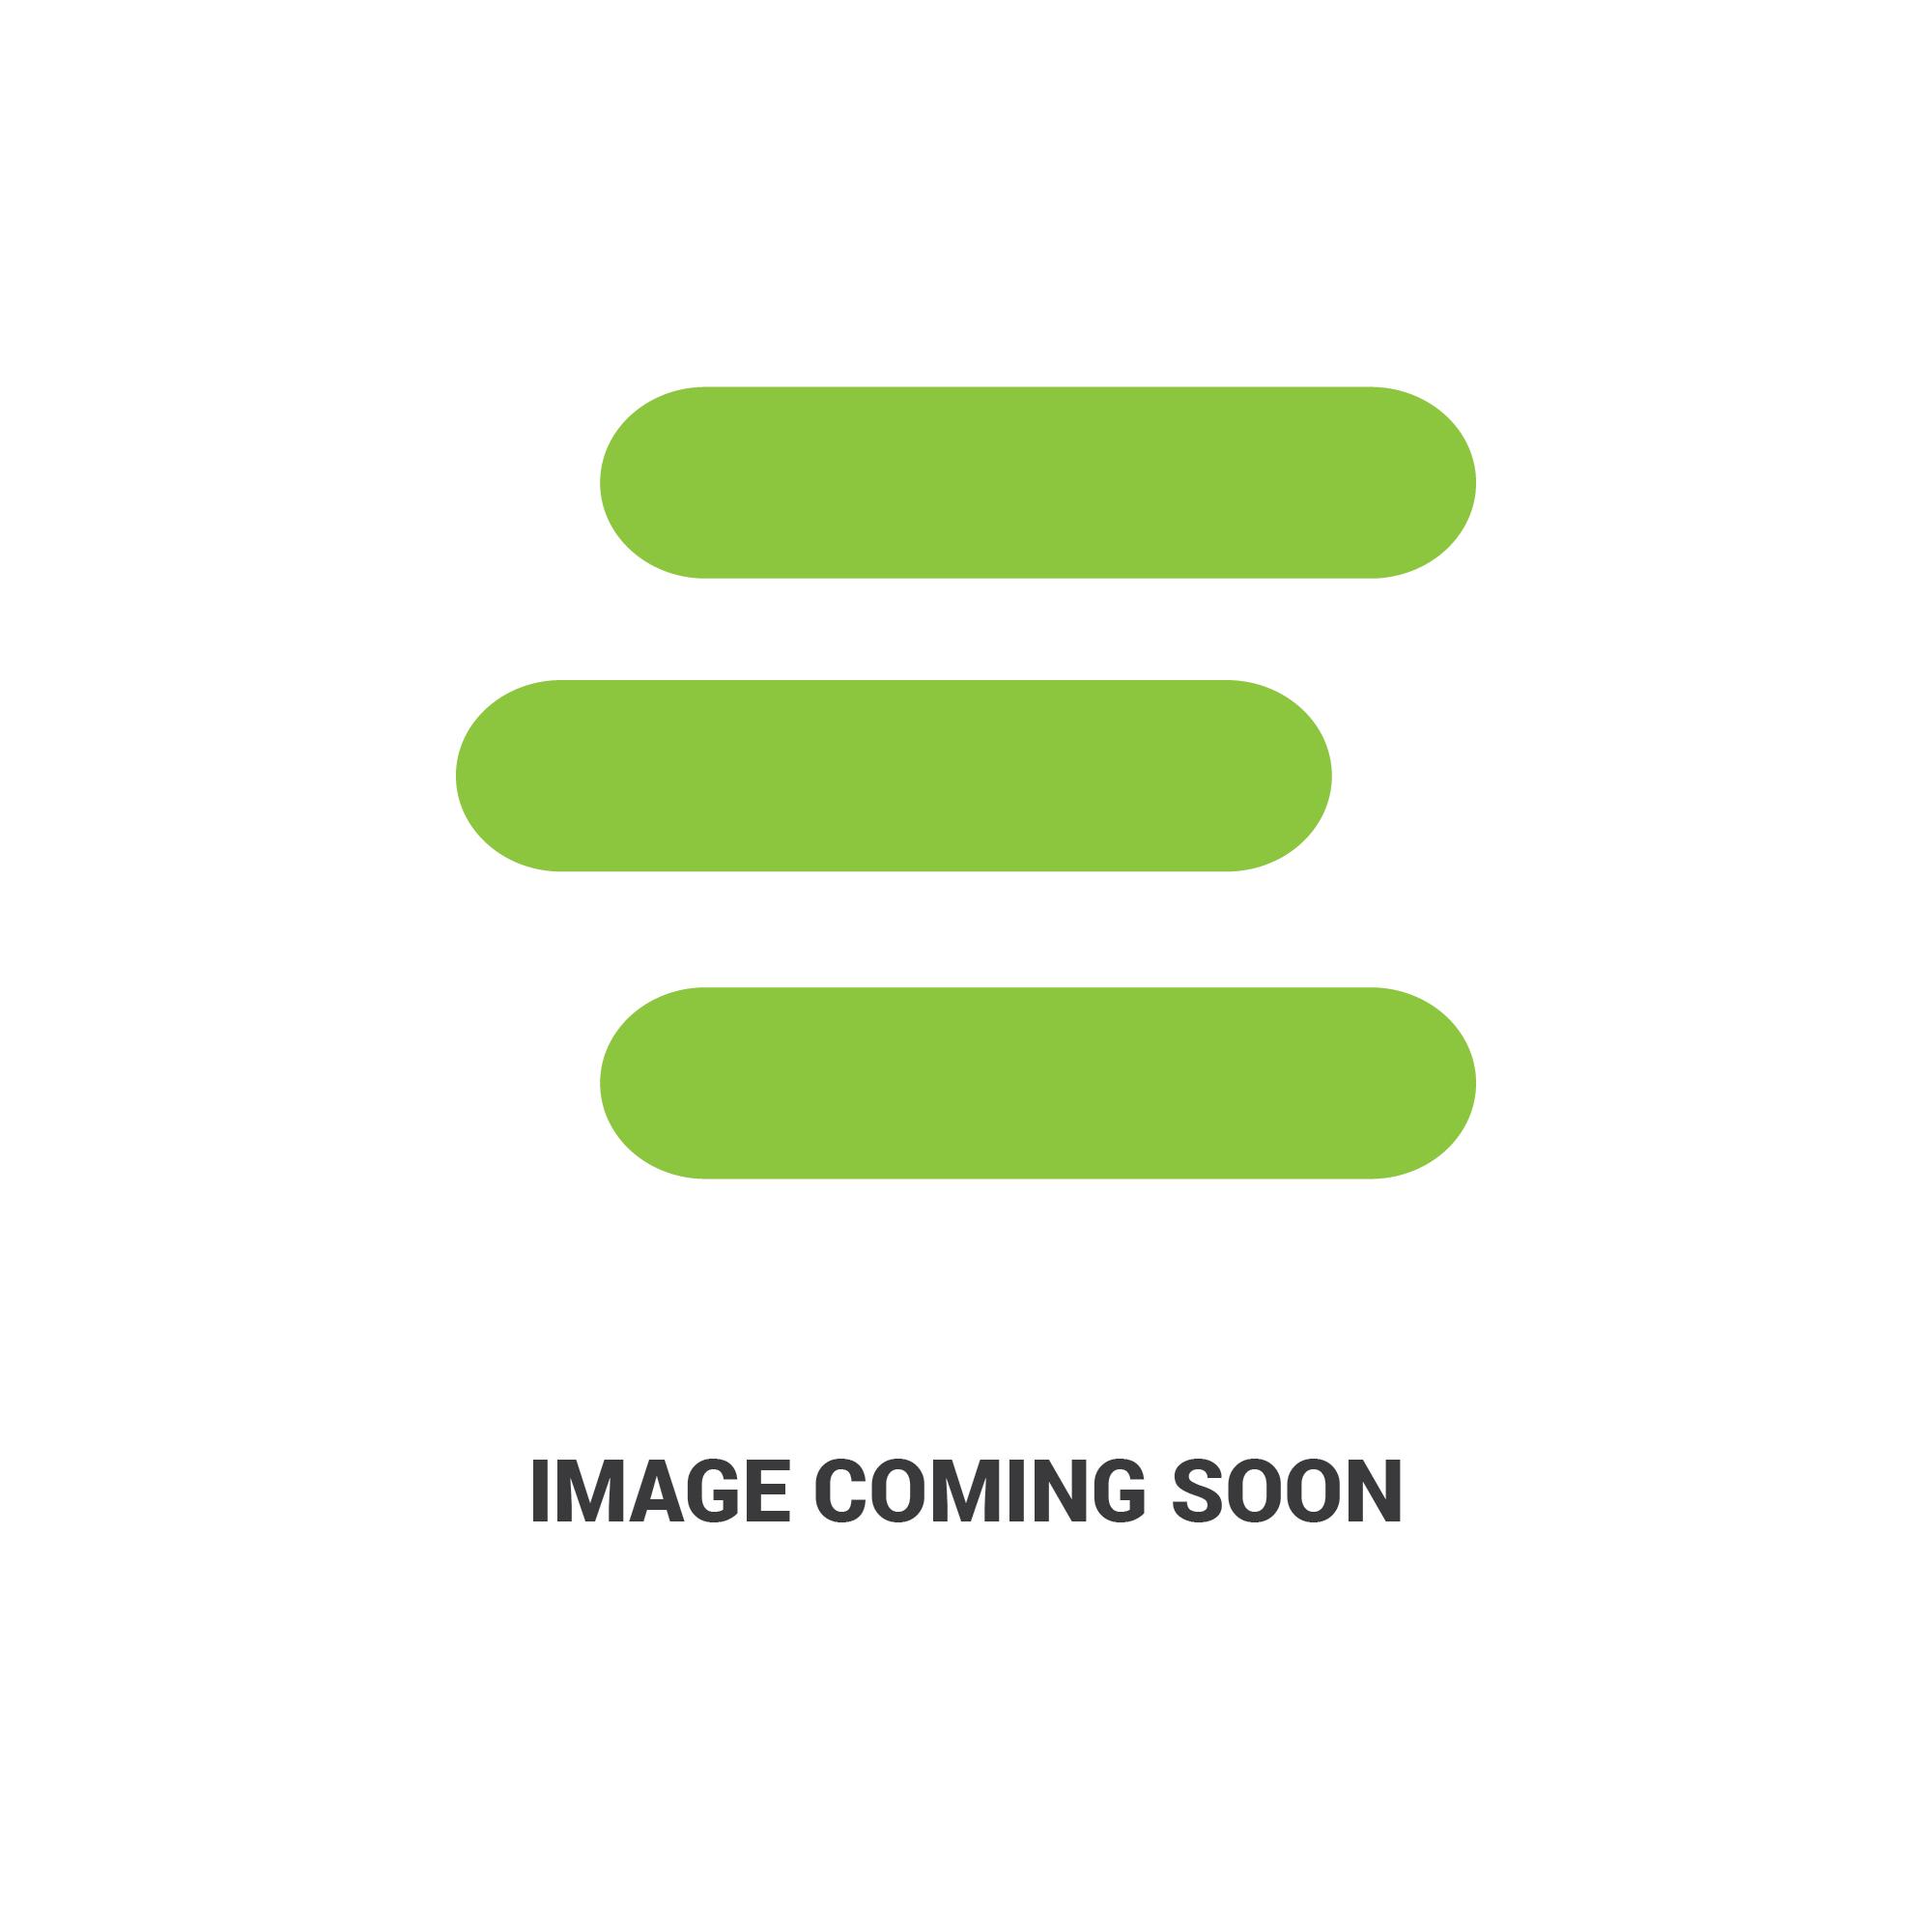 E-L155043ag1001666.2.jpg